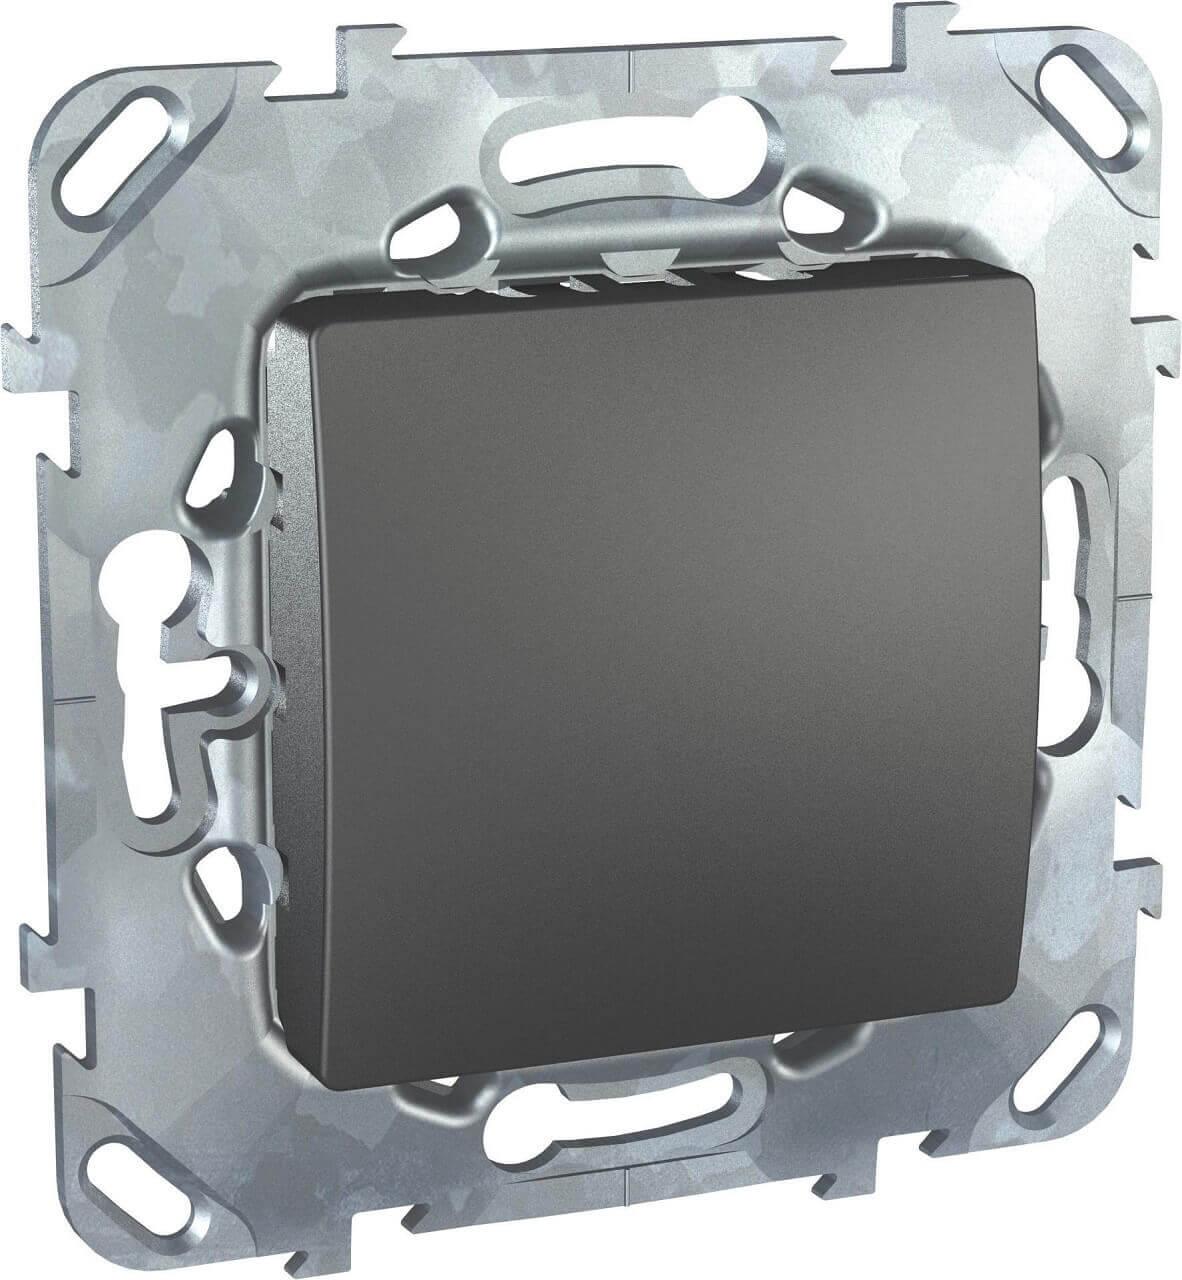 Заглушка 45х45 Schneider Electric Unica MGU5.866.12ZD заглушка 45х45 schneider electric unica mgu5 866 12zd